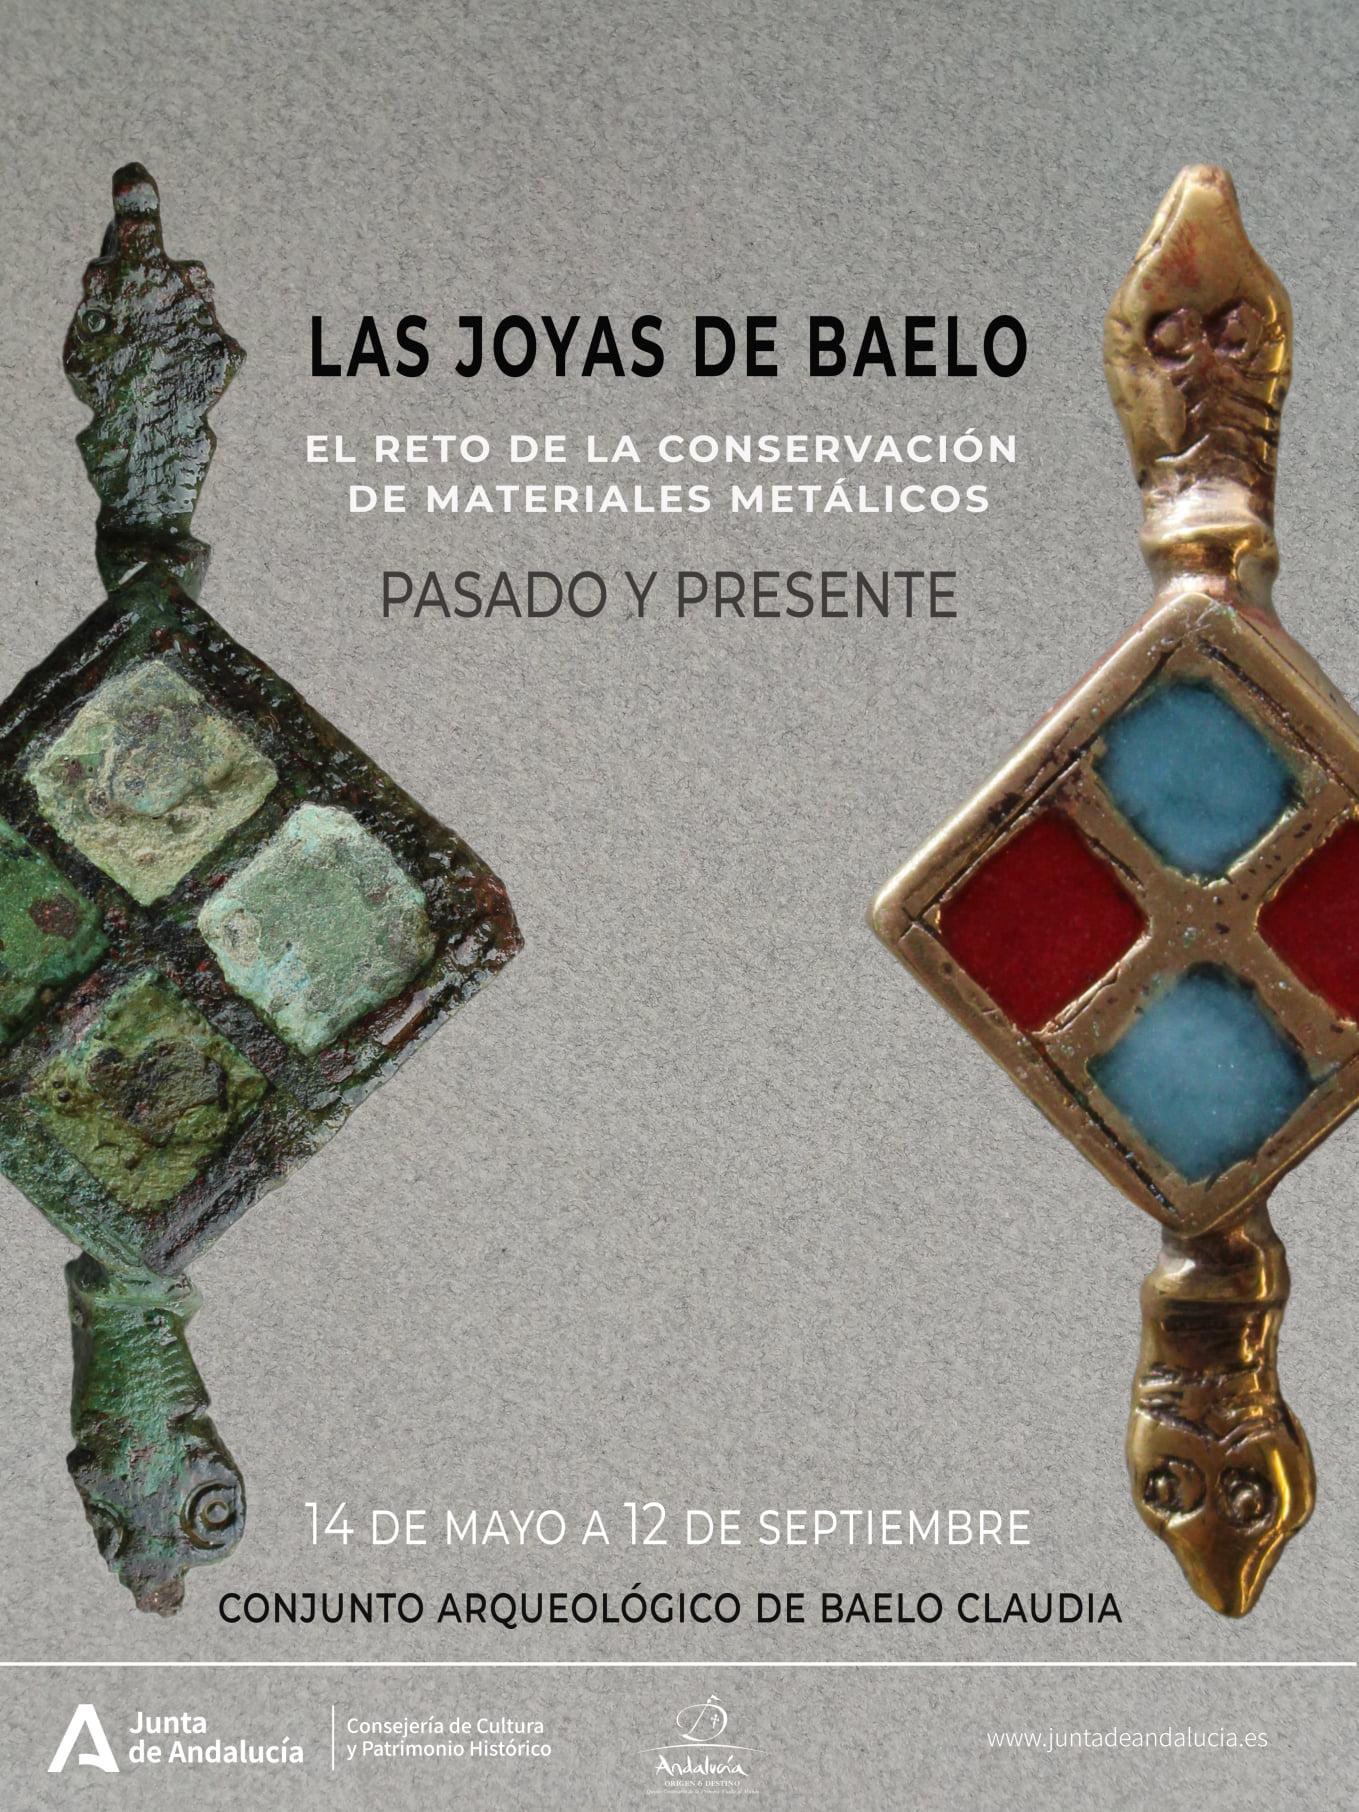 EL CONJUNTO ARQUEOLÓGICO DE BOLONIA MANTENDRÁ HASTA EL 12 DE SEPTIEMBRE LA EXPOSICIÓN «LAS JOYAS DE BAELO»